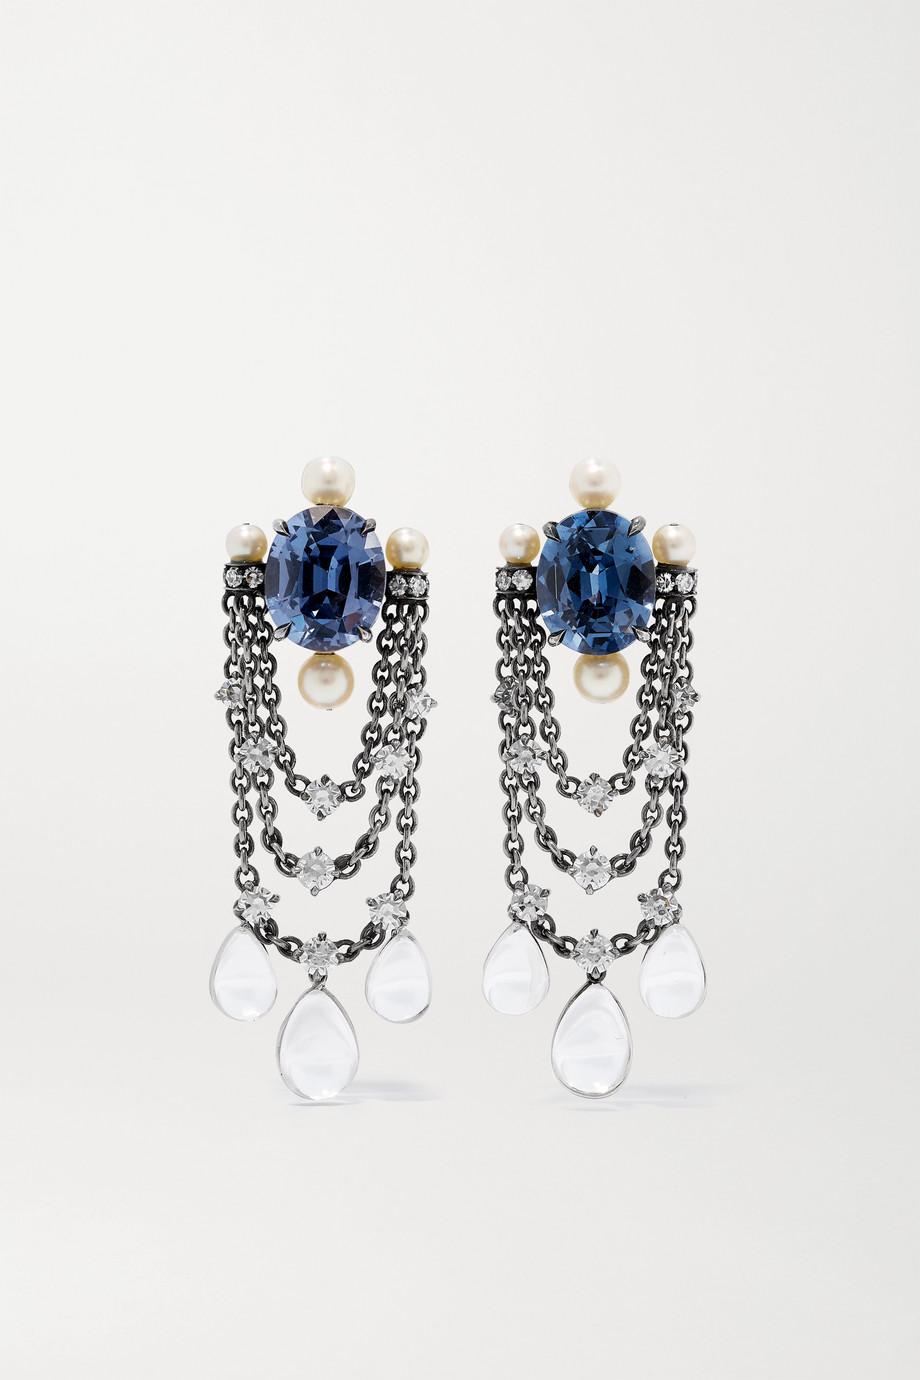 Nadia Morgenthaler + NET SUSTAIN 18-karat blackened white gold multi-stone earrings